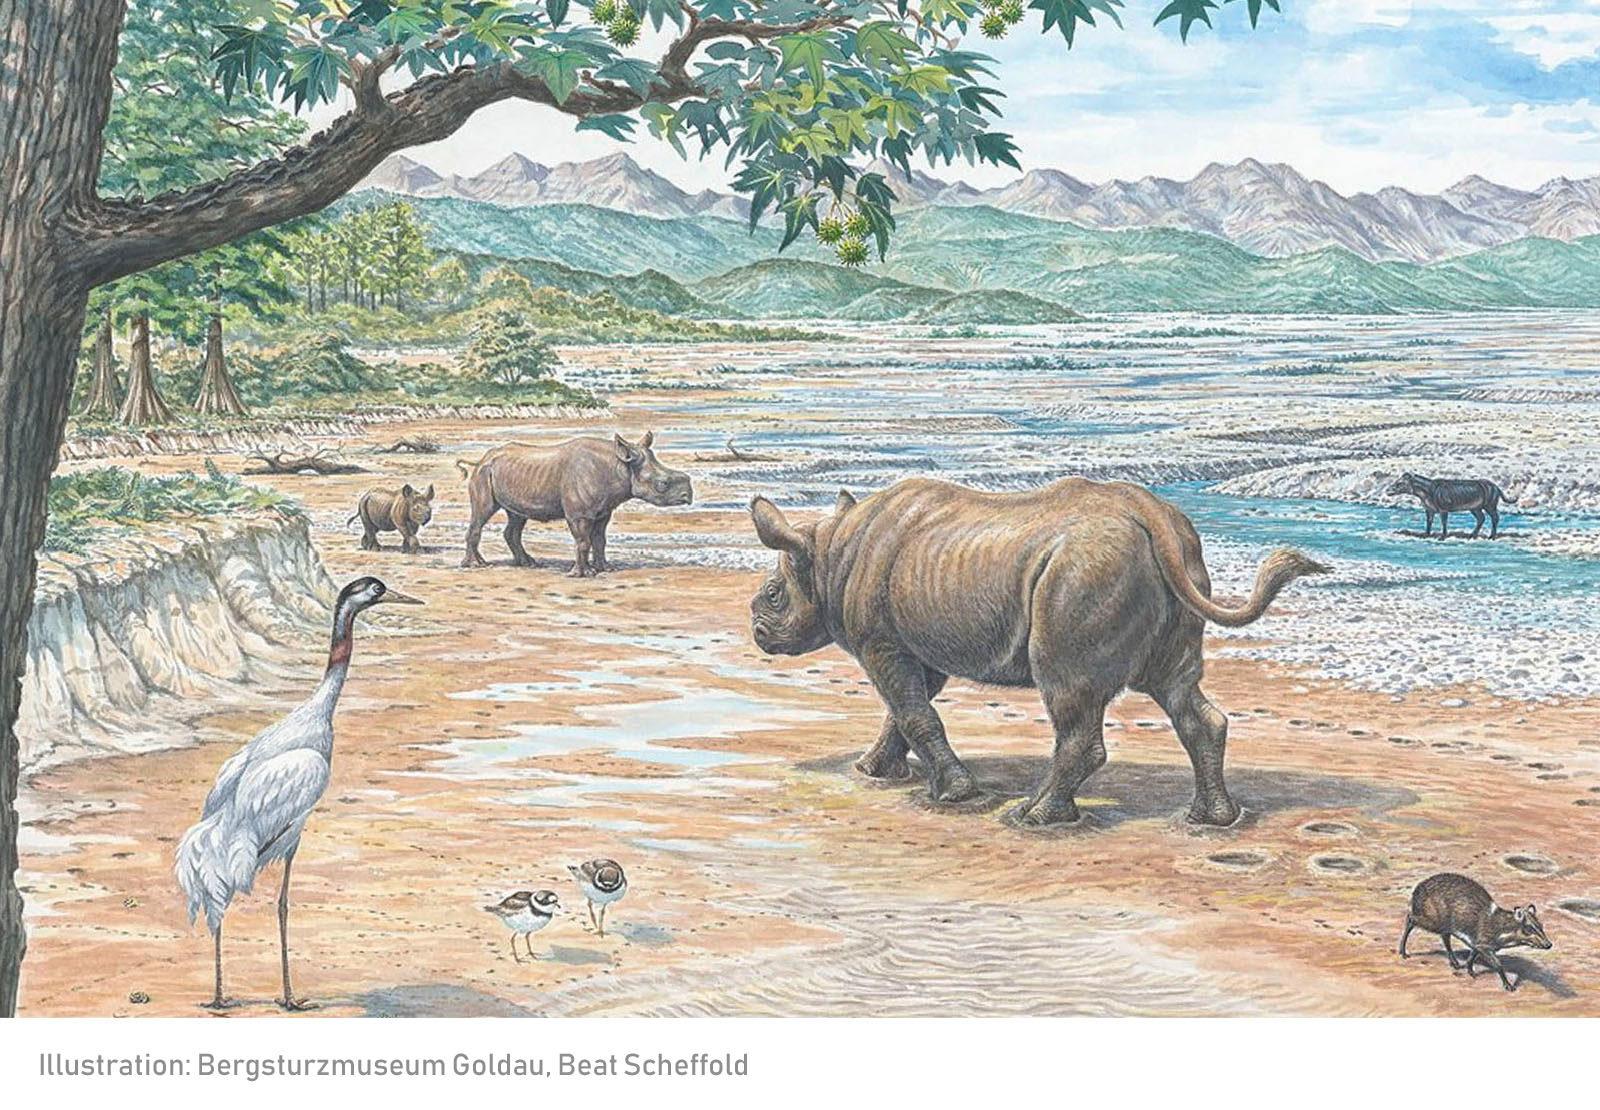 Oligozäne Lebenswelt bei Arth Goldau vor 25 Millionen Jahren